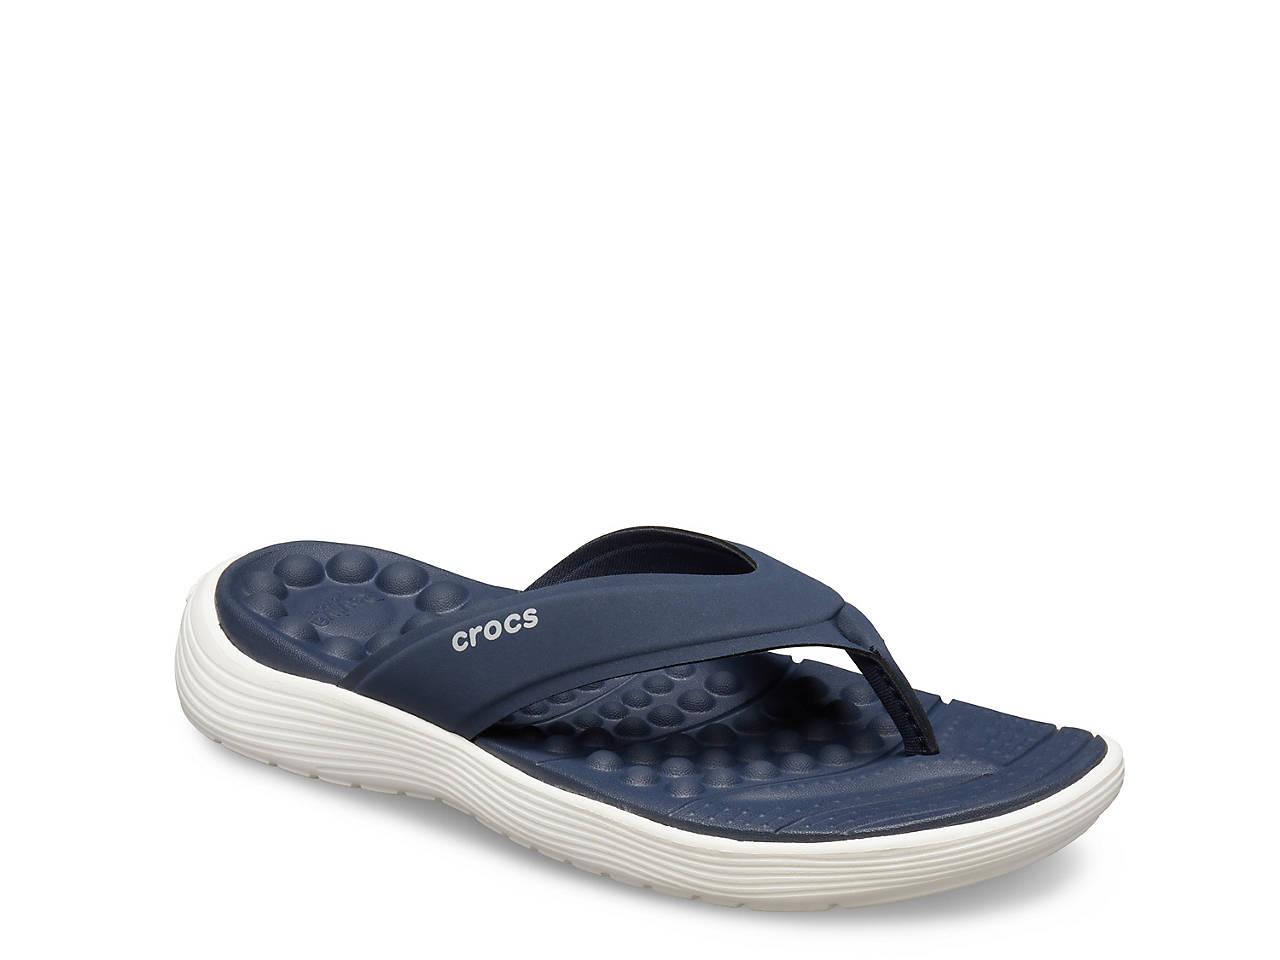 20184c6eaff6 Crocs Reviva Flip Flop Women s Shoes